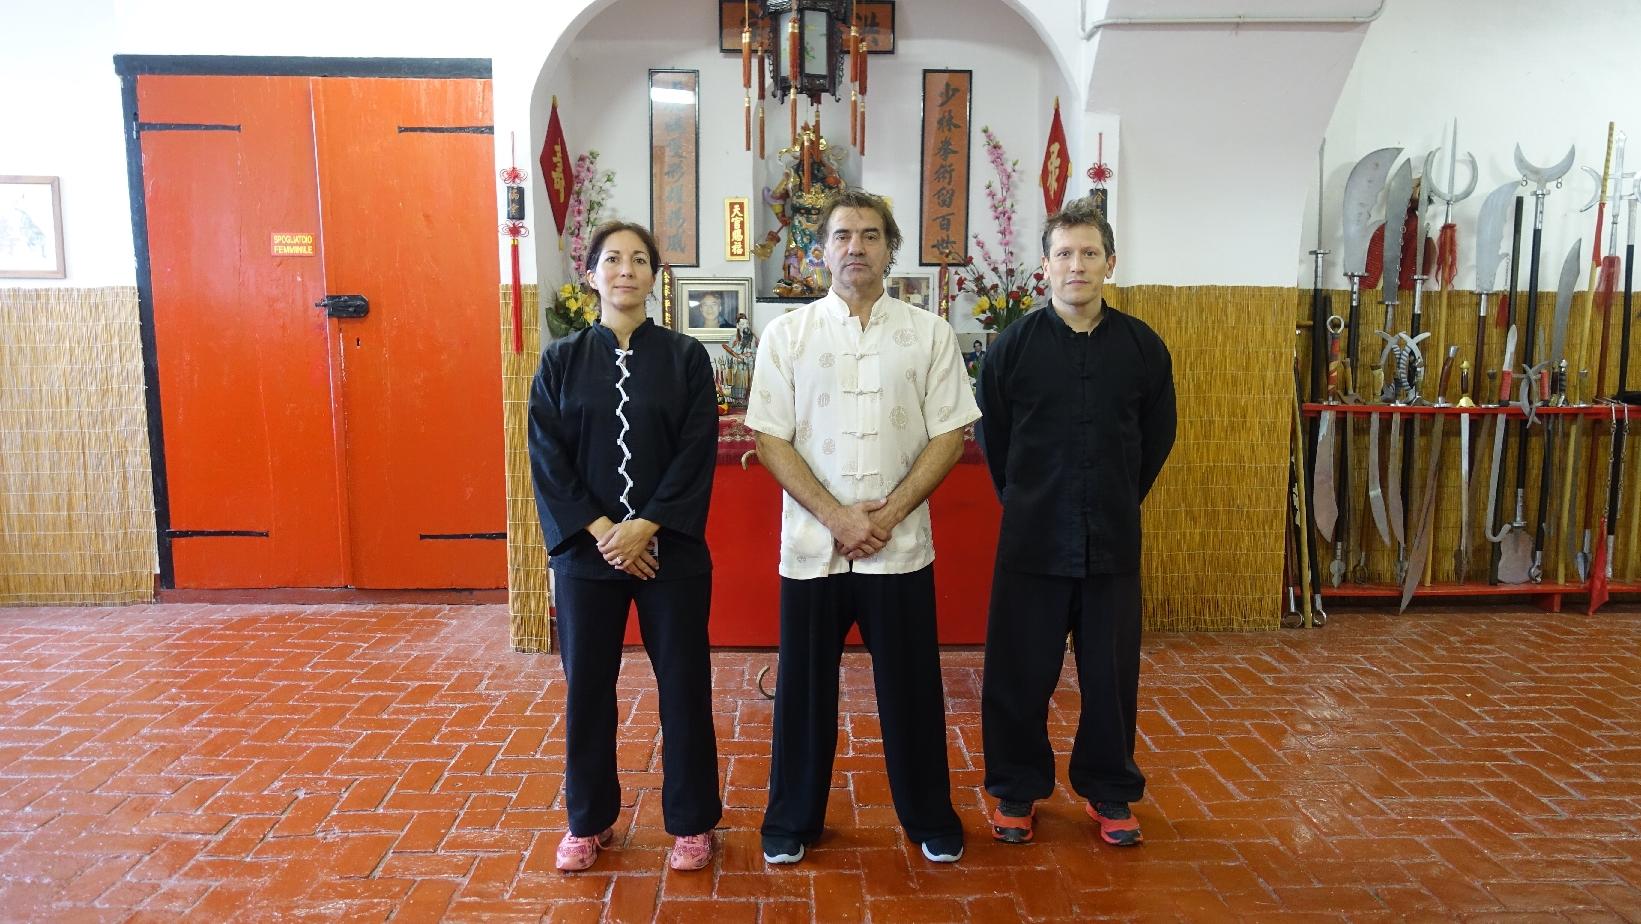 Laetitia, Sifu Paolo Cangelosi et Daniel (de gauche à droite)